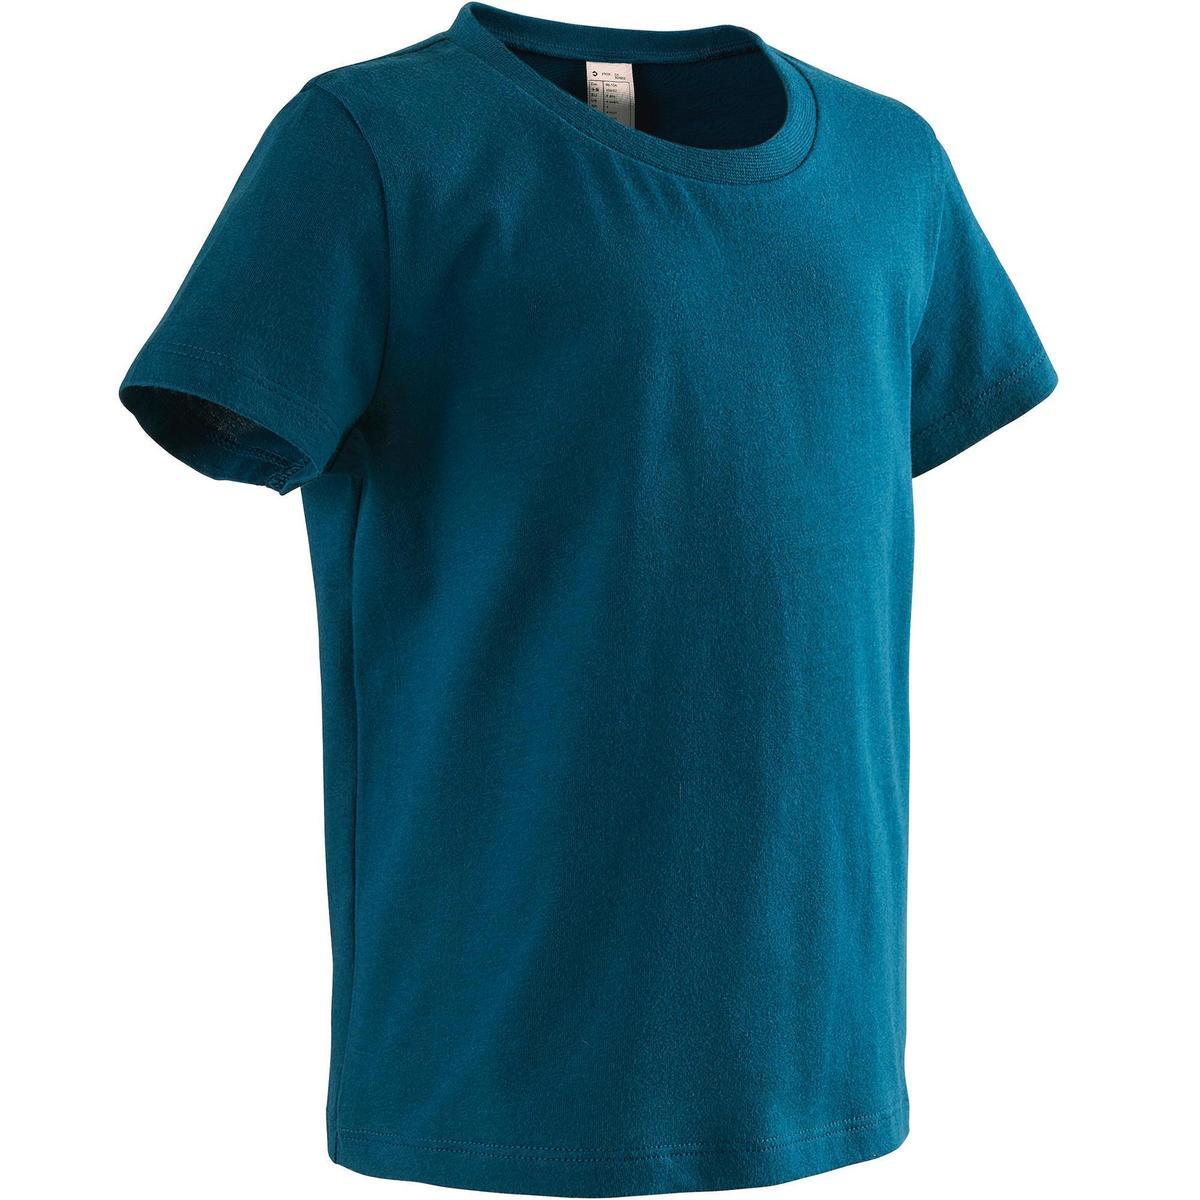 Bild 5 von T-Shirt 100 2er-Pack weiß/blau